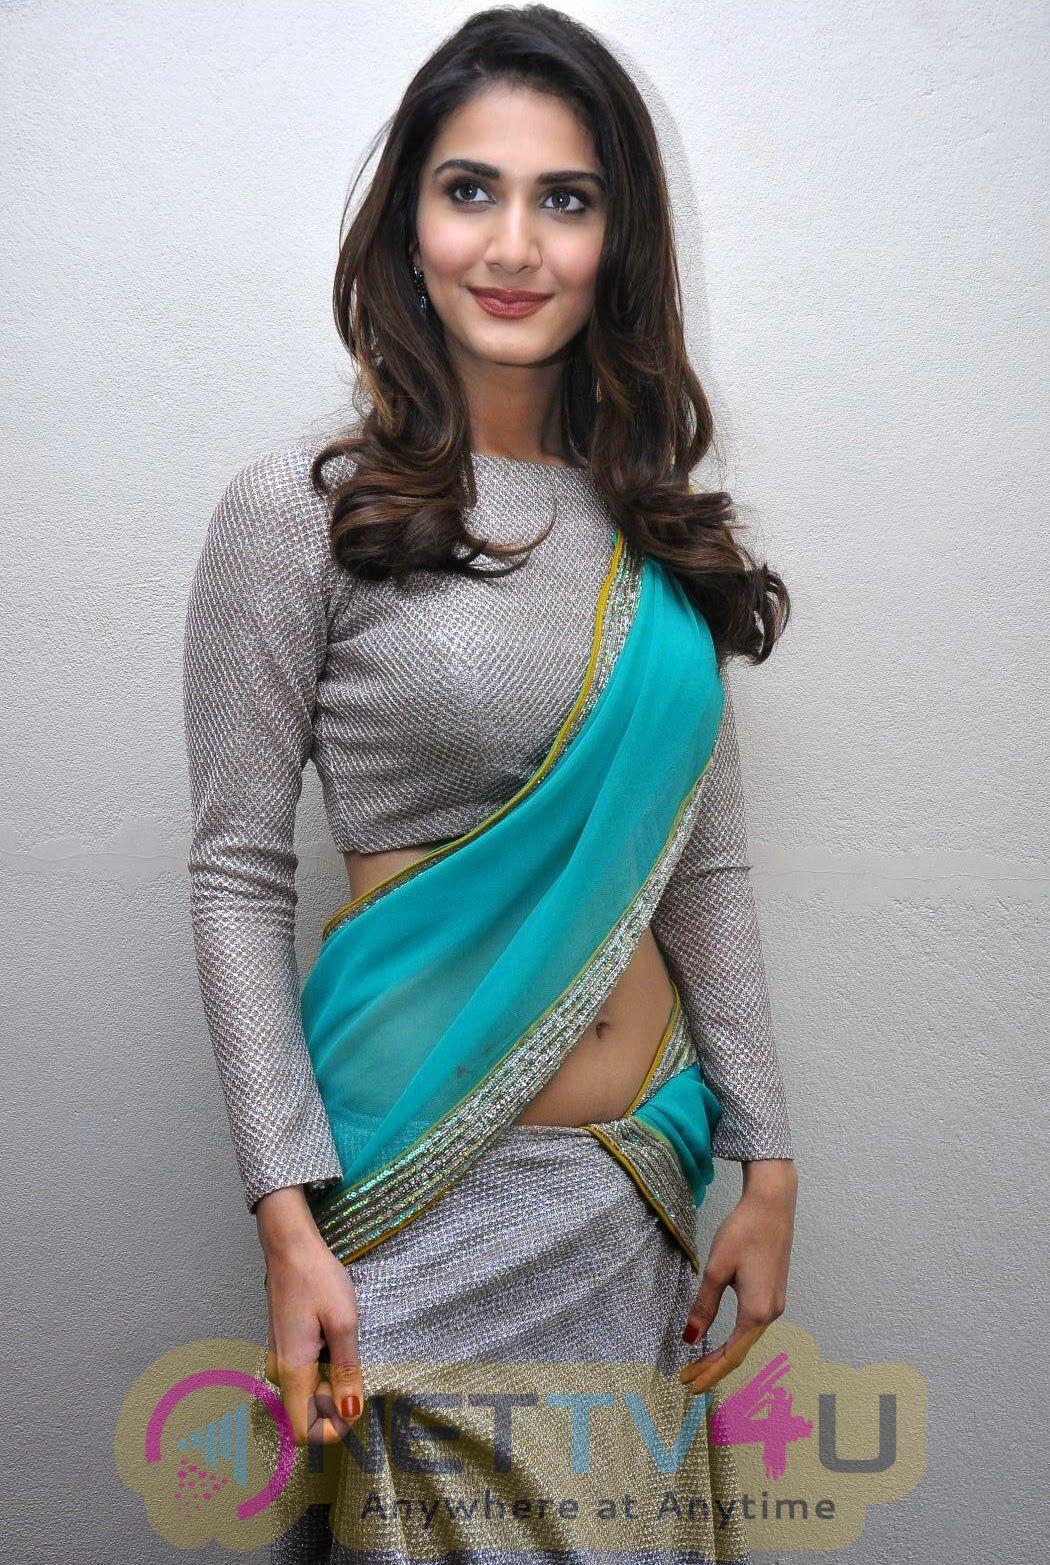 Hindi Actress Vaani Kapoor Hot Latest Photos